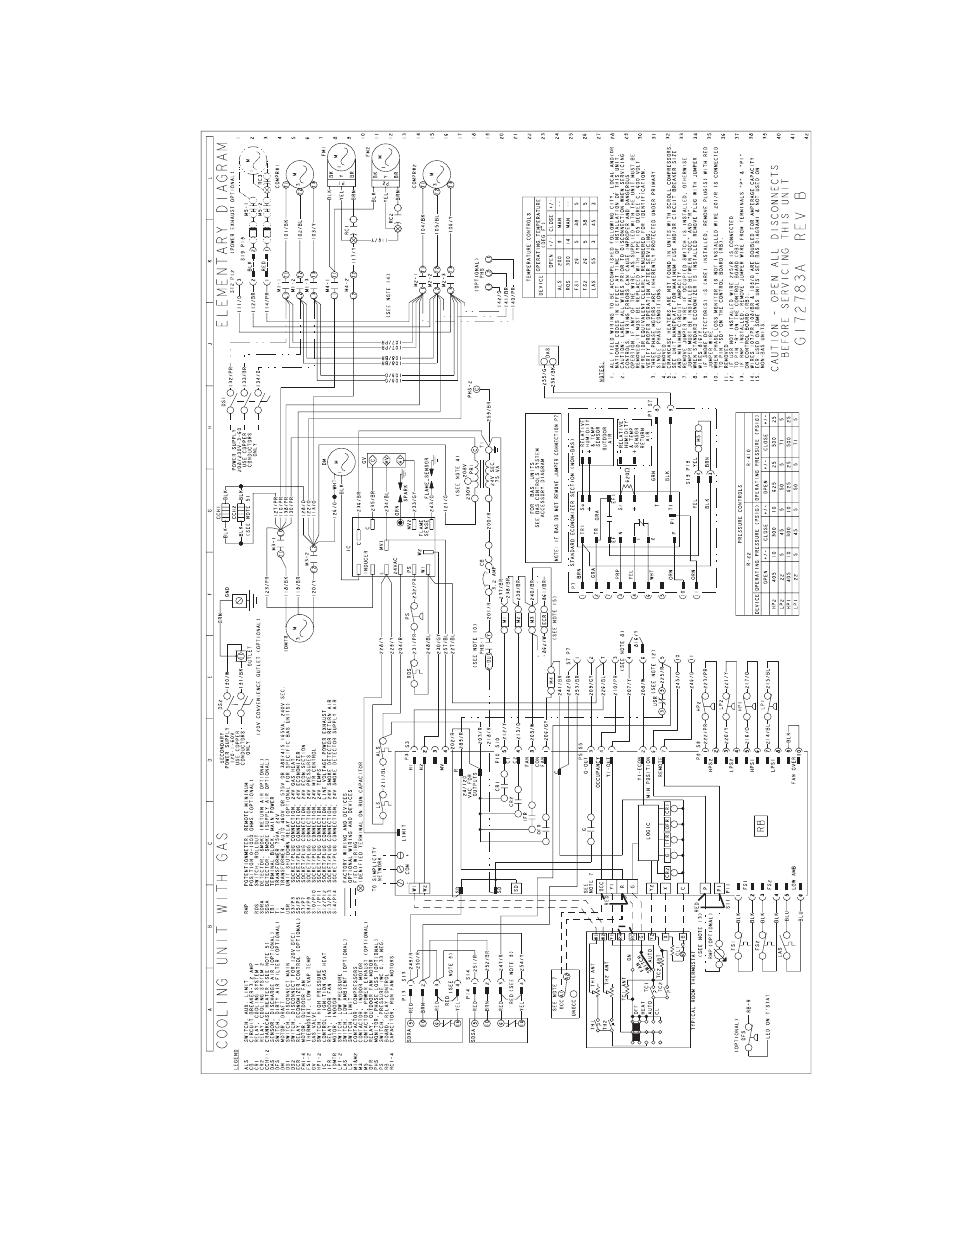 York Predator Dm 078 User Manual Page 43 48 Also For Wiring Schematics 090 102 120 150